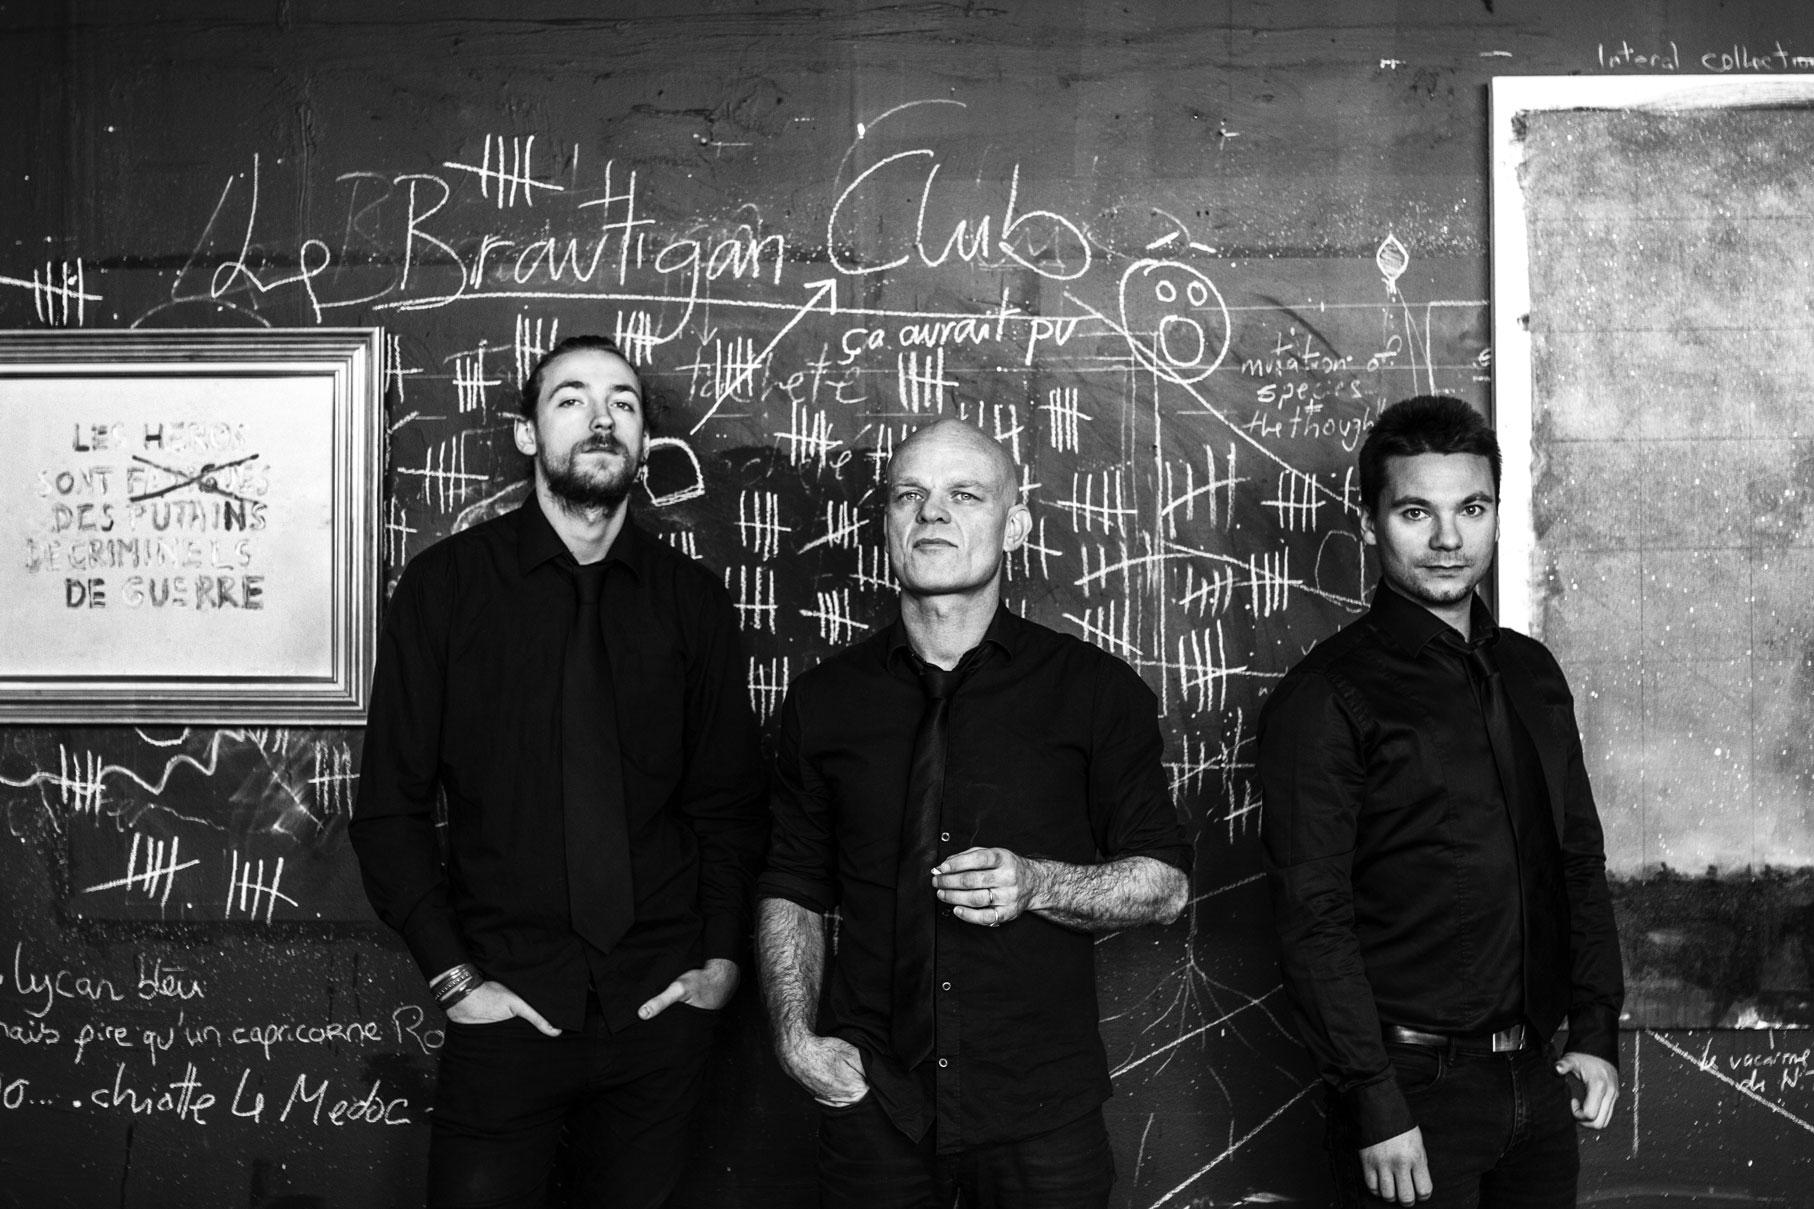 photos promo du groupe de rock français le brautigan club devant un tableau noir